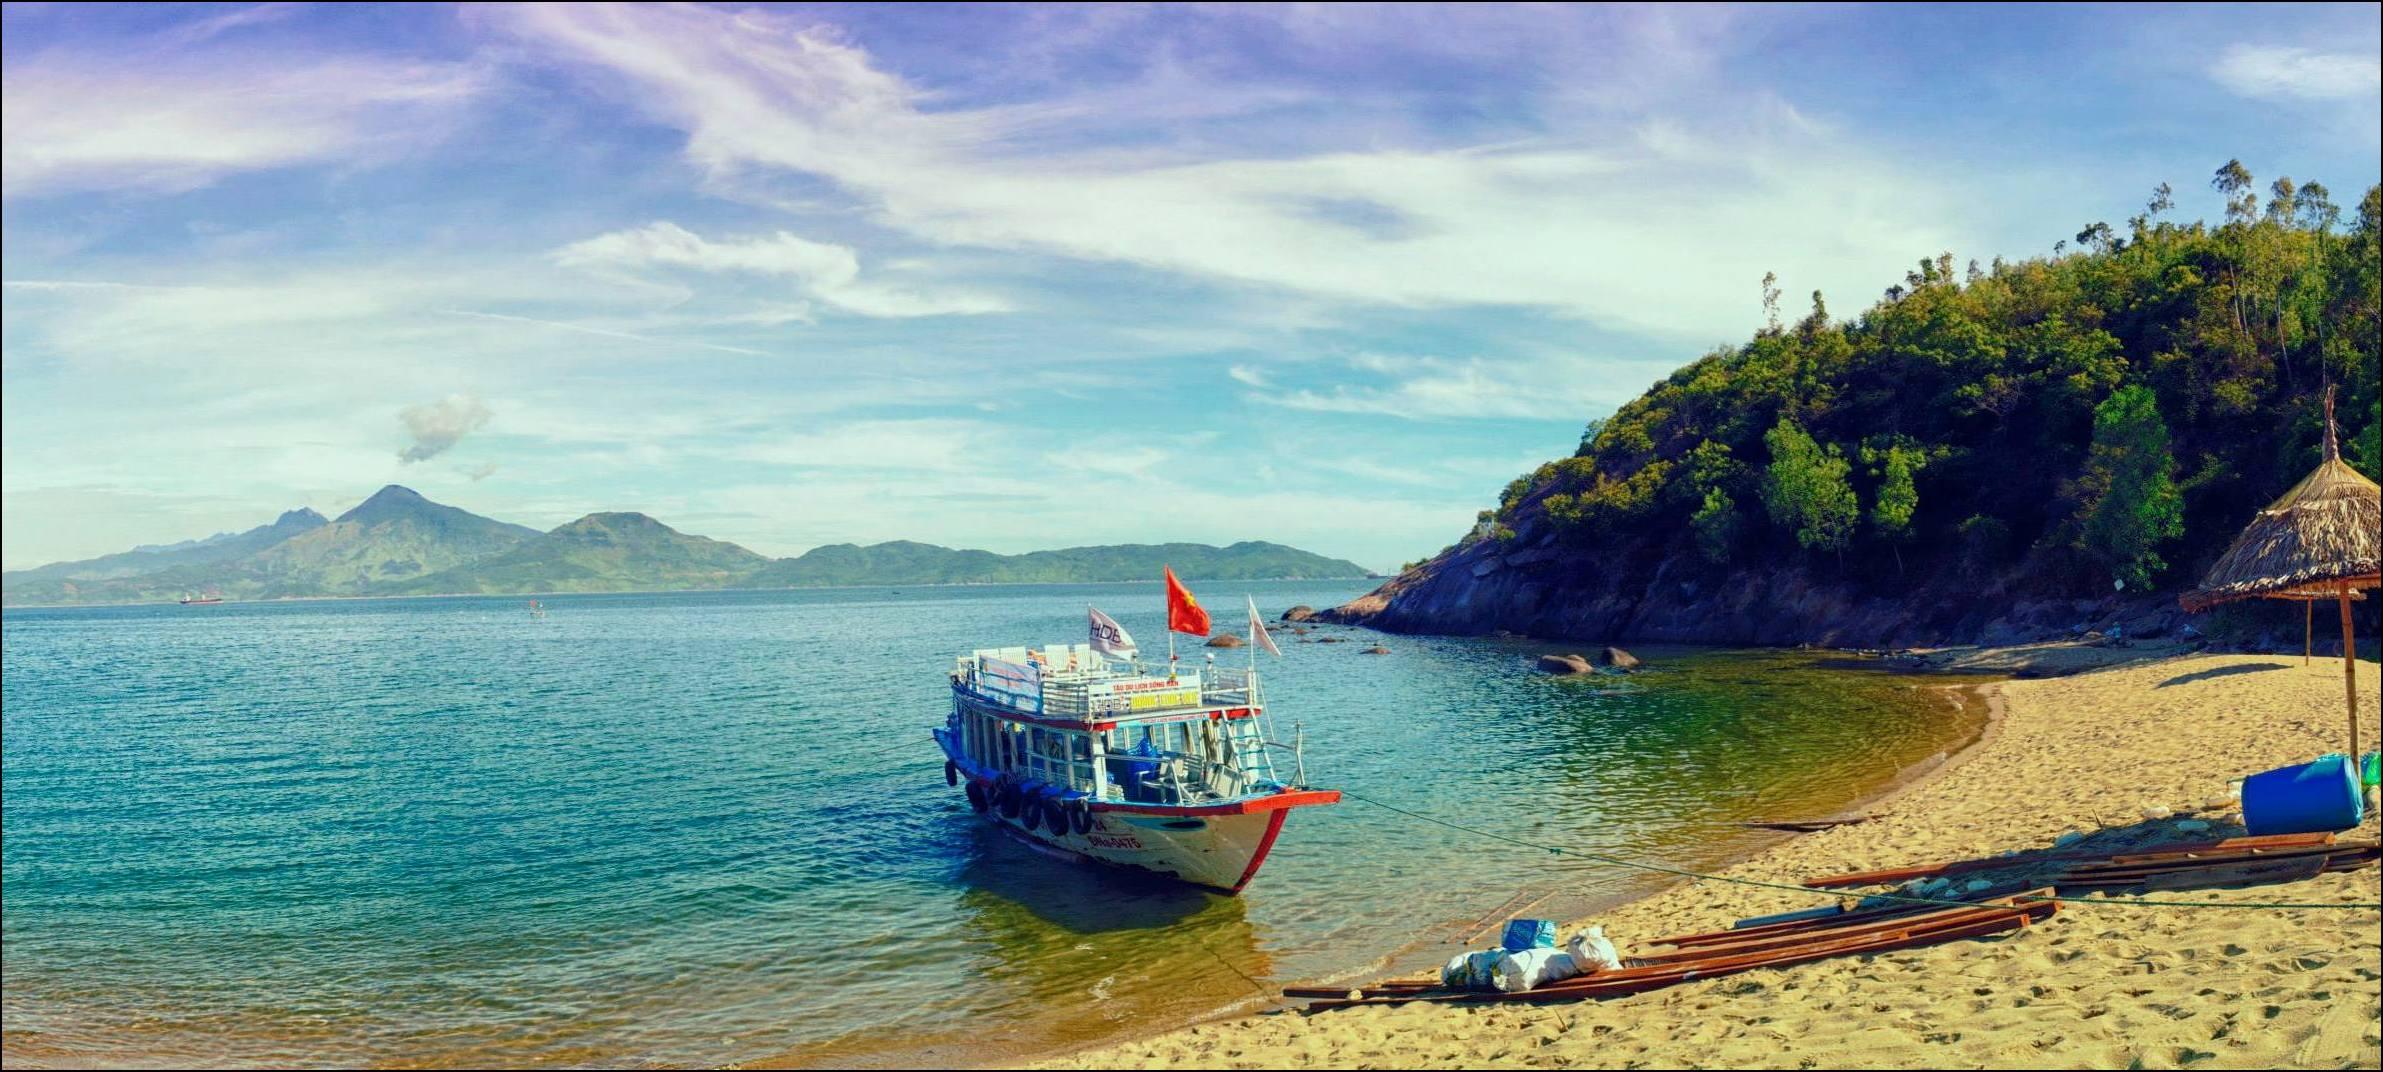 tour du lịch đà nẵng 4 ngày 3 đêm cù lao chàm